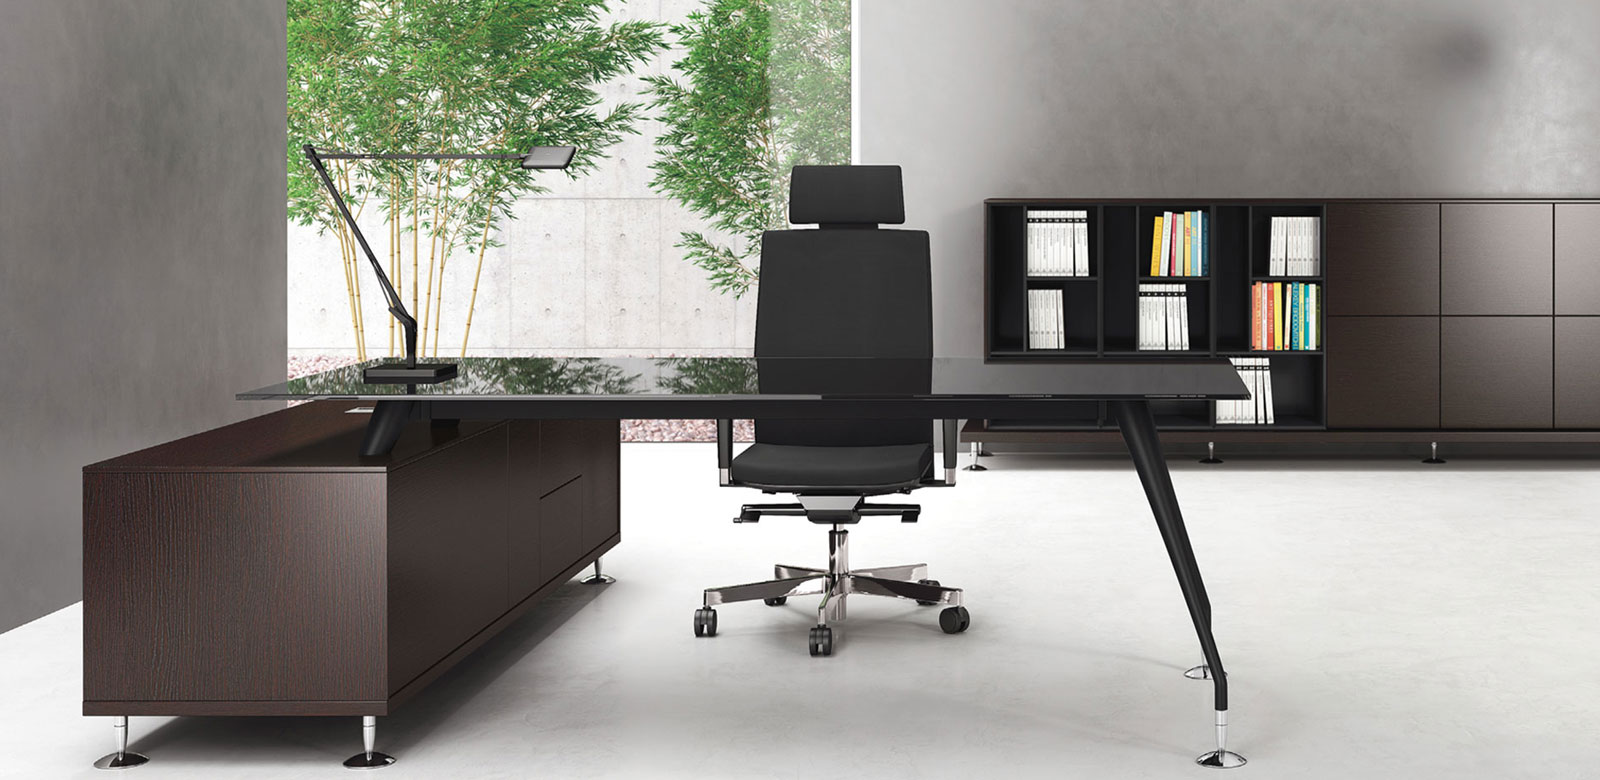 Arredo ufficio arredamento e mobili per ufficio su misura - Arredo ufficio moderno ...